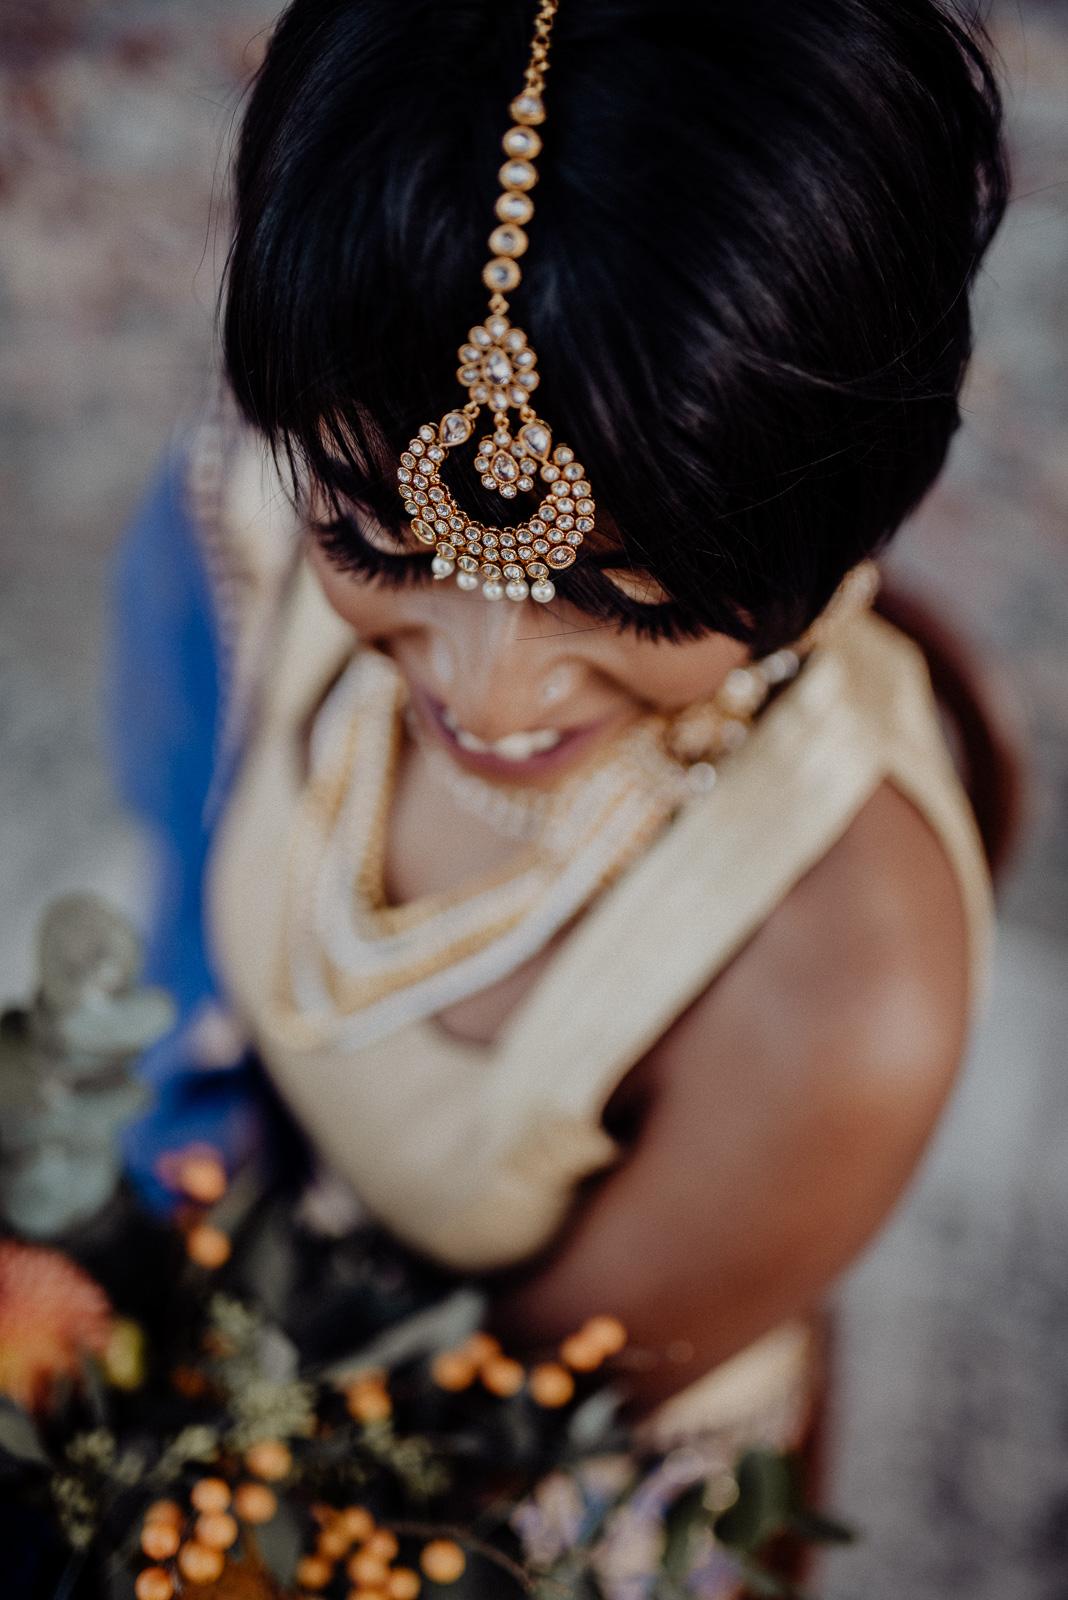 024-designparaplus-bochum-saree-indische-braut-fotograf